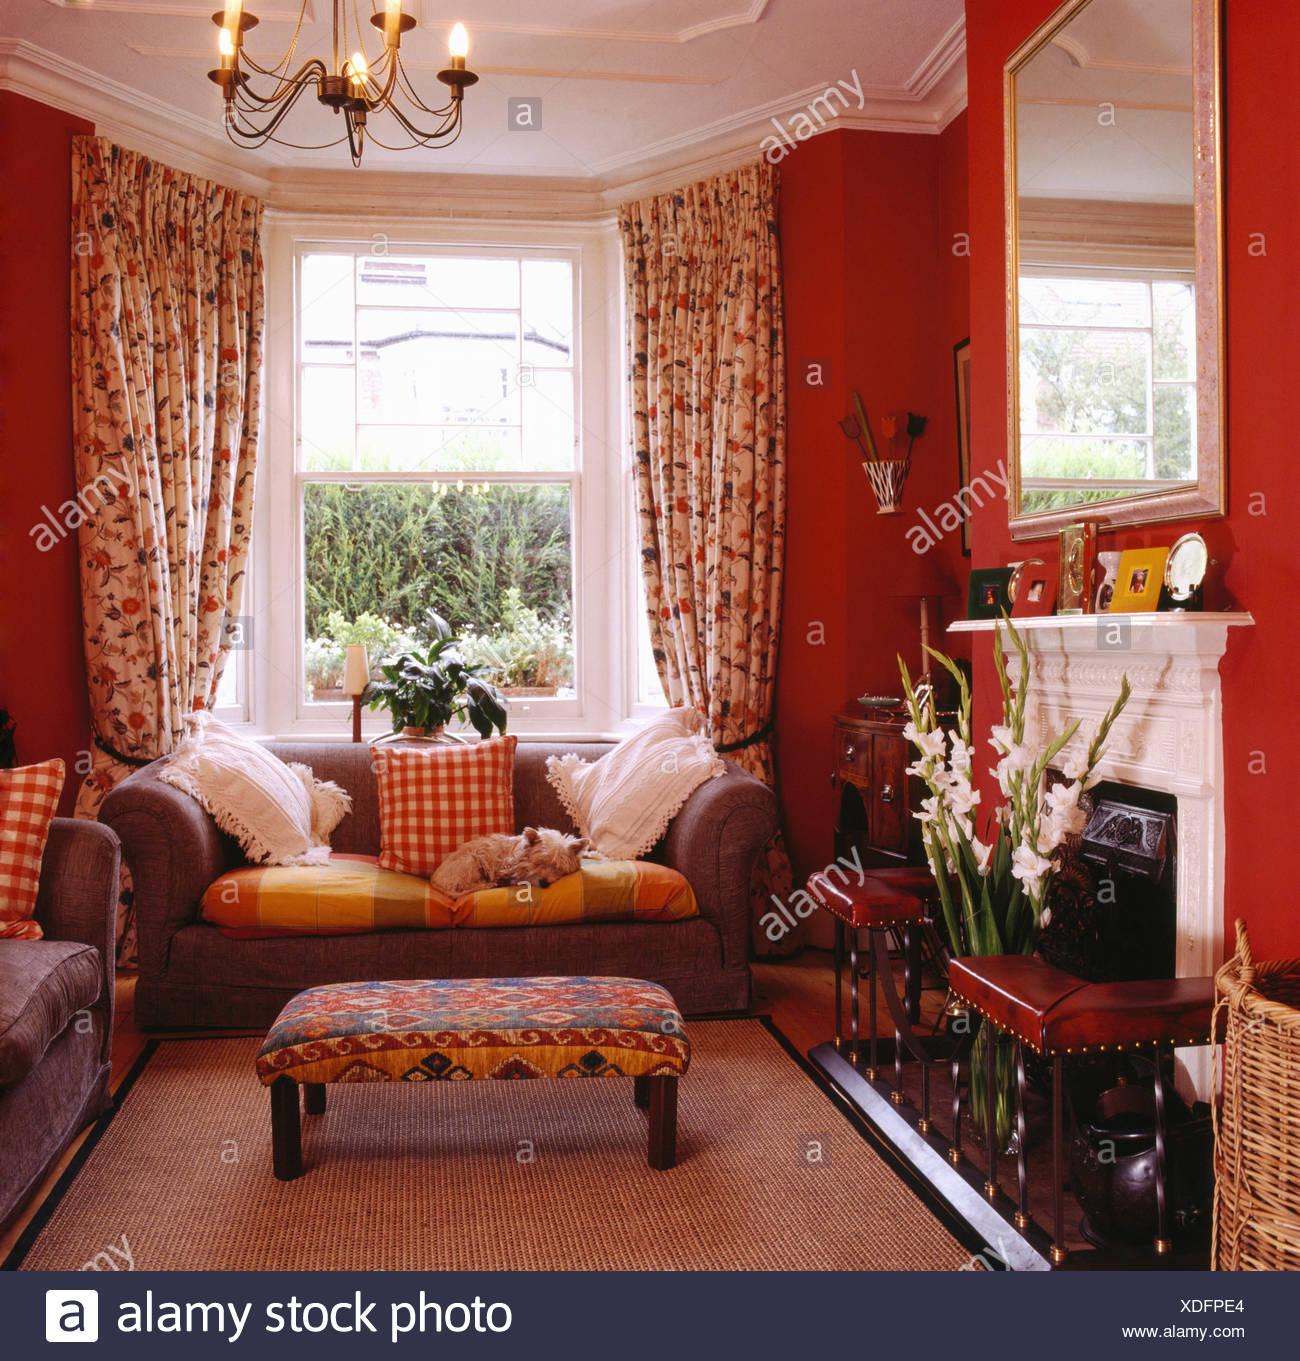 https www alamyimages fr tabouret rembourre et gris canape en face de la fenetre avec des rideaux en rouge annees 80 salon image283703340 html